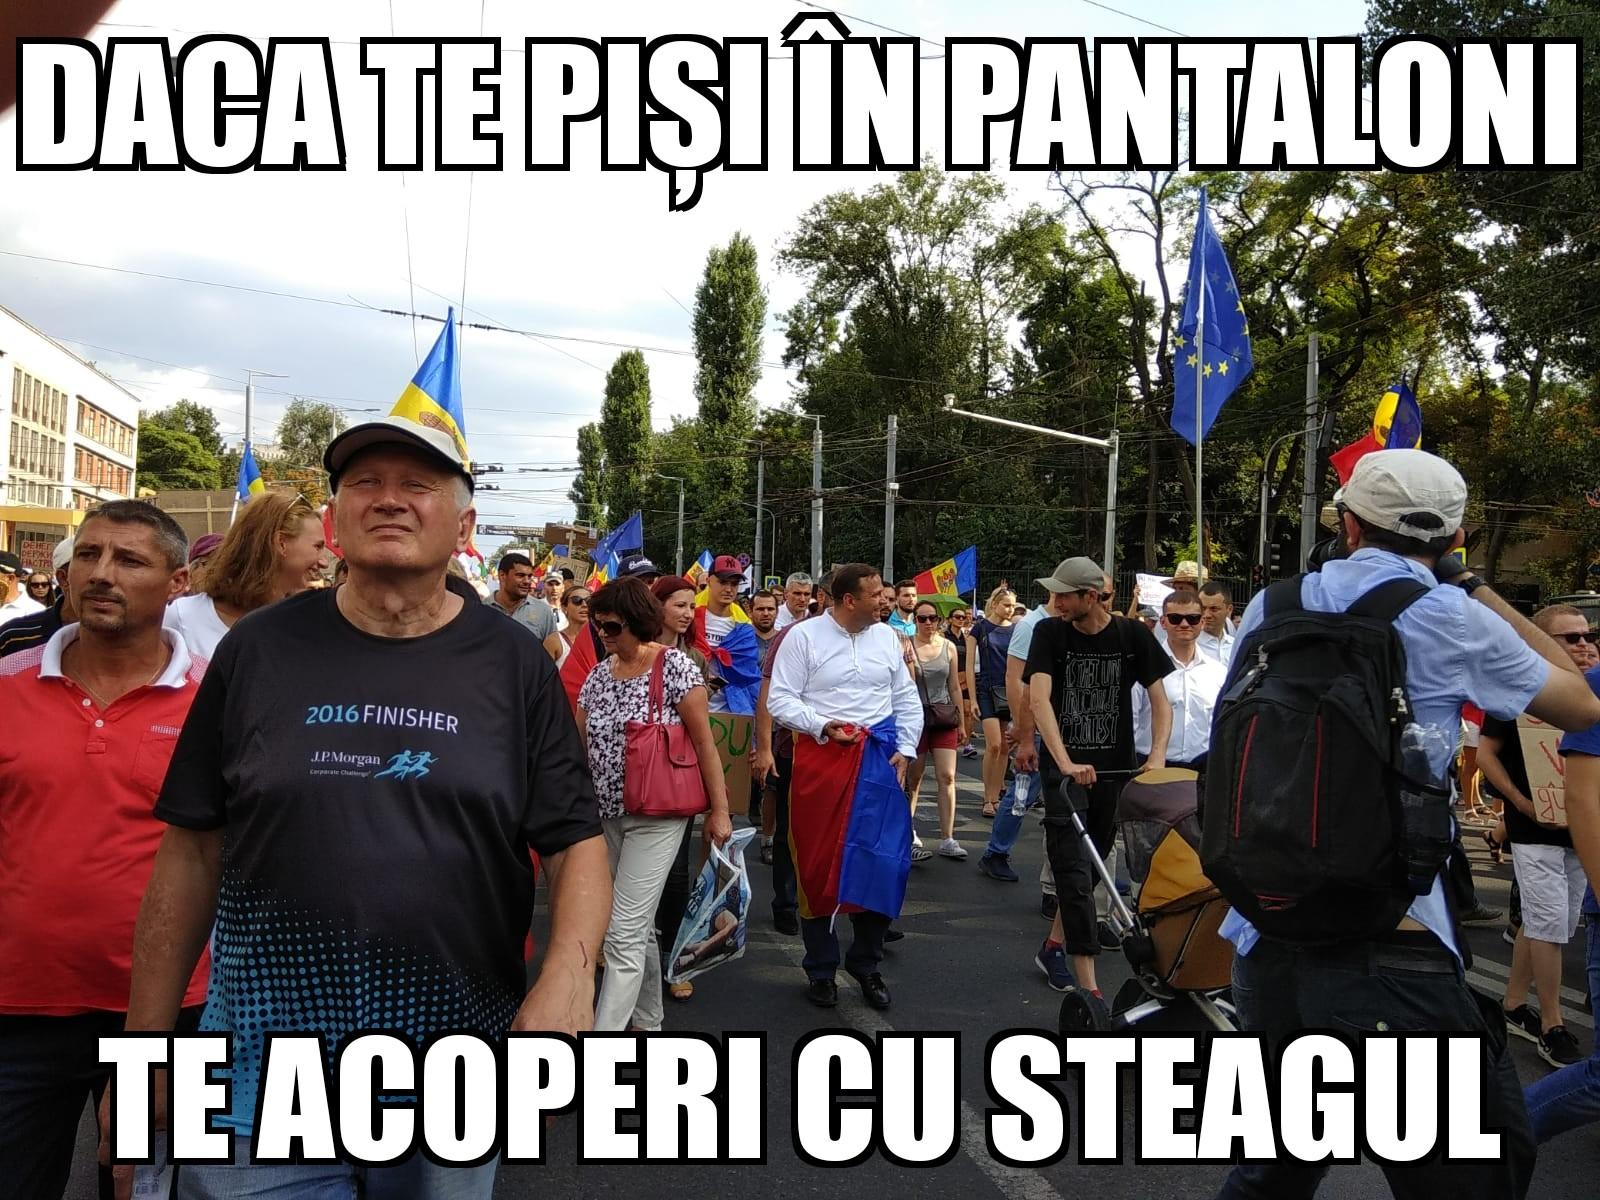 Andrei Năstase, Platforma DA, PPDA, Năstase ud la fund, Năstase s-a pișat în pantaloni, PPDA, BLOCUL ACUM, ACUM, ACUM DA PAS, PAS, miting organizat de Platforma DA